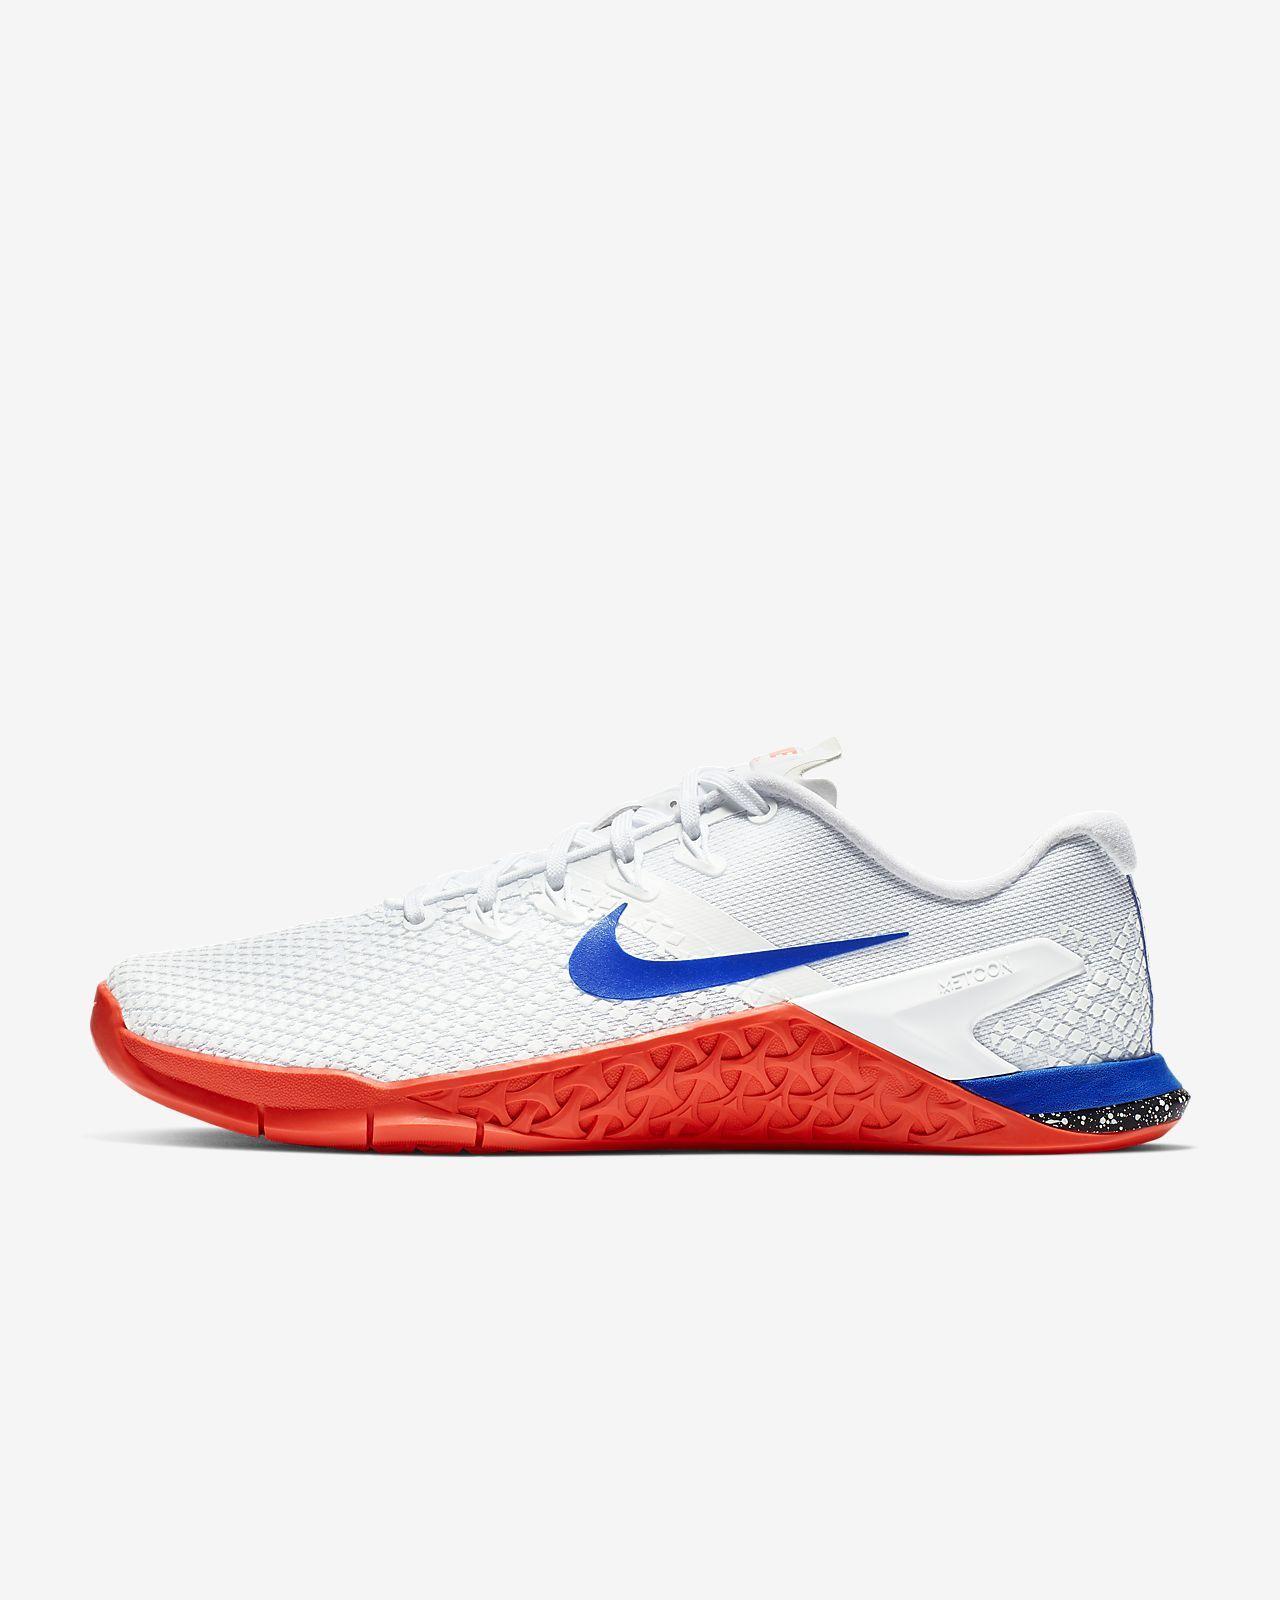 more photos 0e350 54a47 Chaussure de cross-training et de renforcement musculaire Nike Metcon 4 XD pour  Femme  clubboxingday  boxingday  boxi  rabais  shopping  soldes  vetements  ...